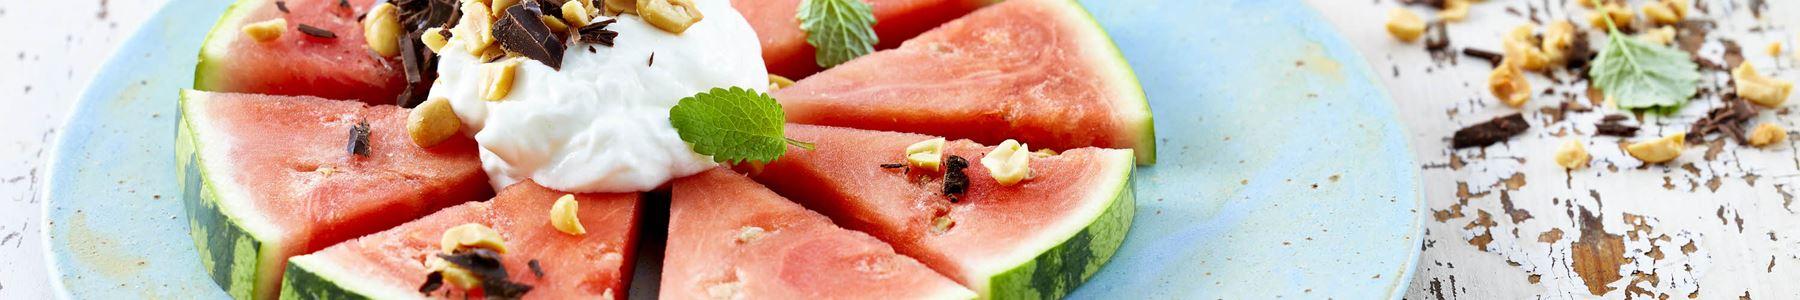 Hurtig + Desserter + Morgenmad + Sommer